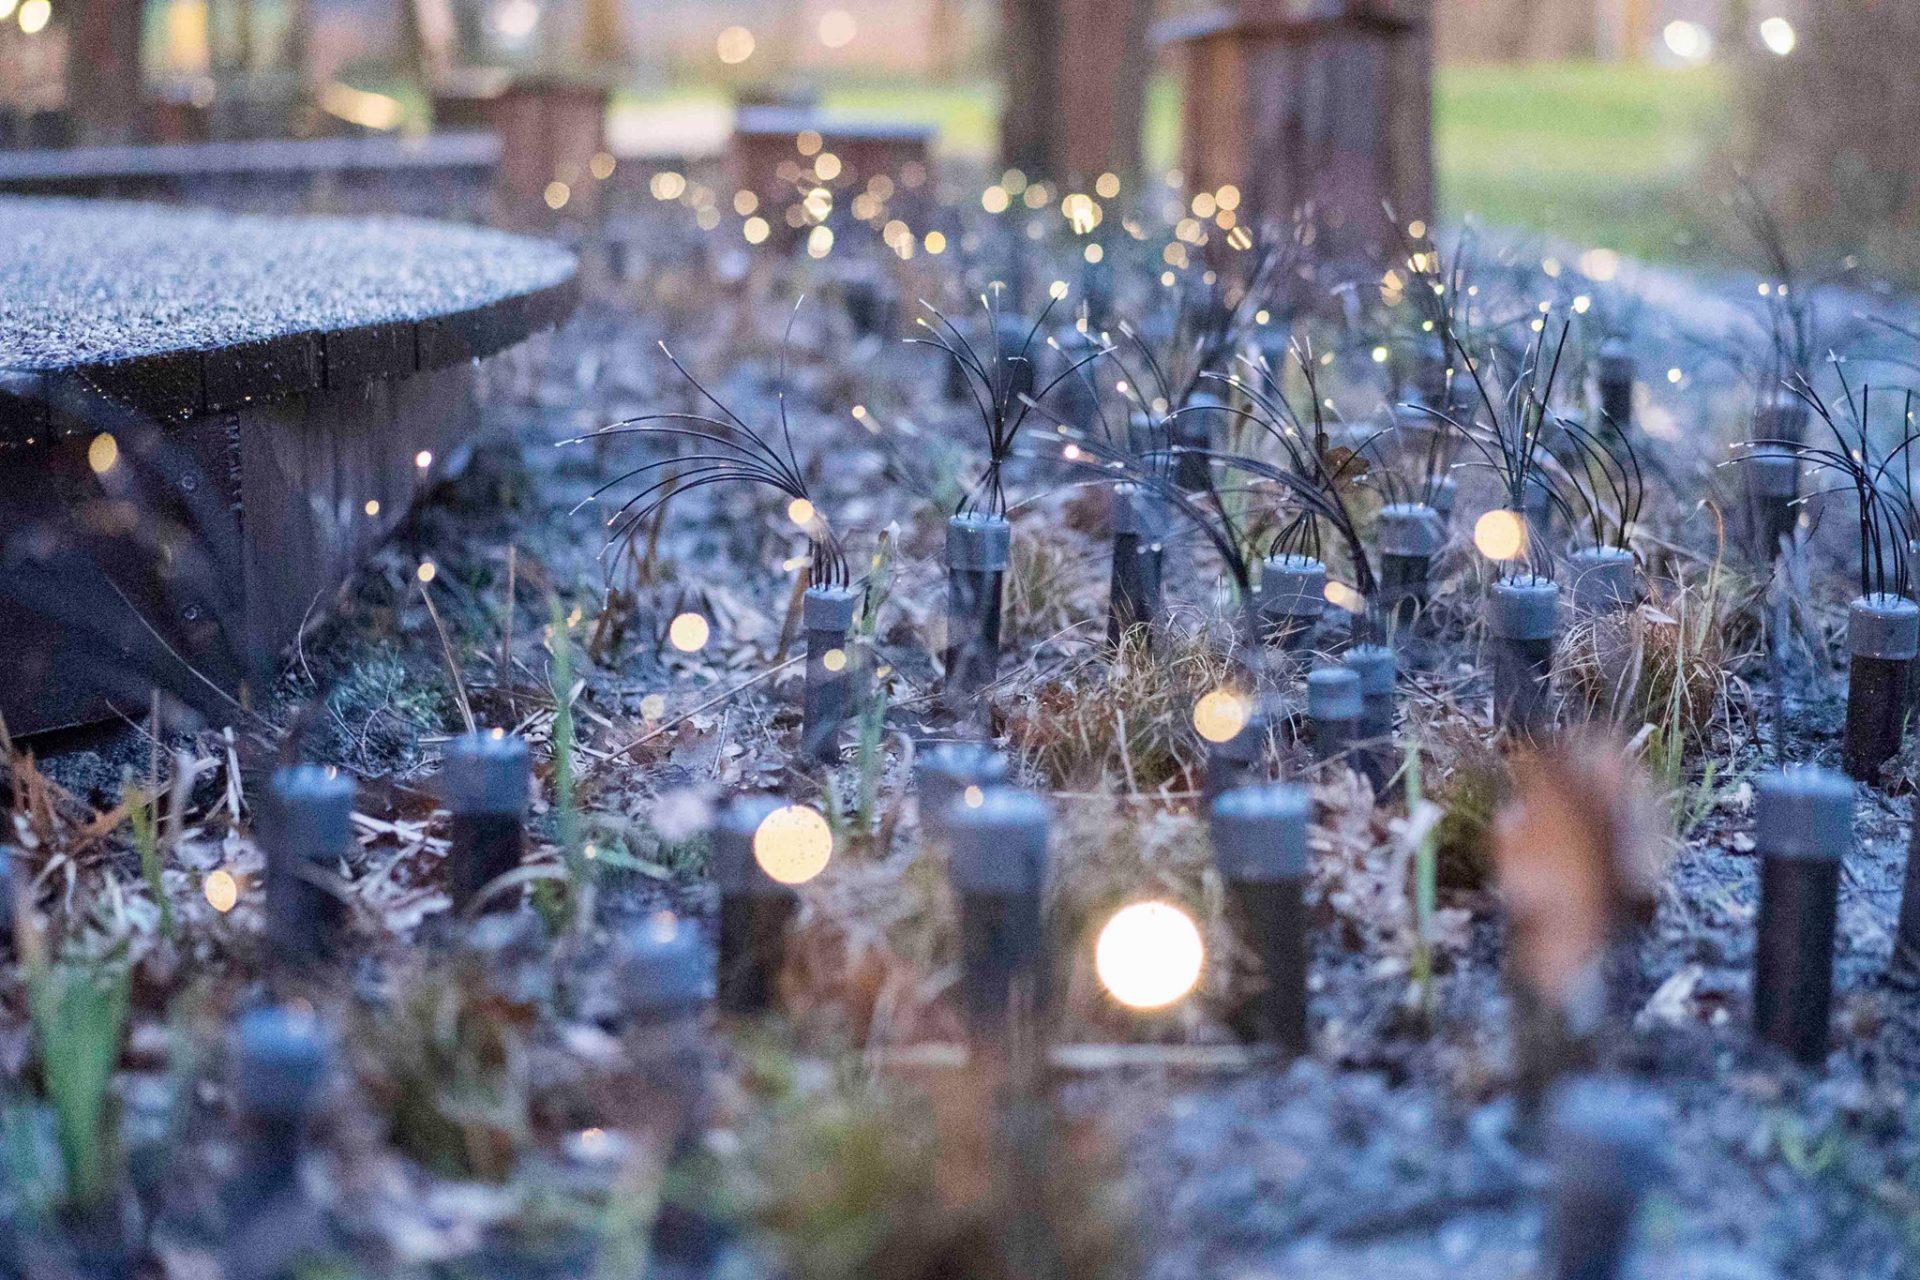 Les lumières magiques illuminées par l'électricité du sol dans un parc à Rotterdam. Photo Robert B. Fishman